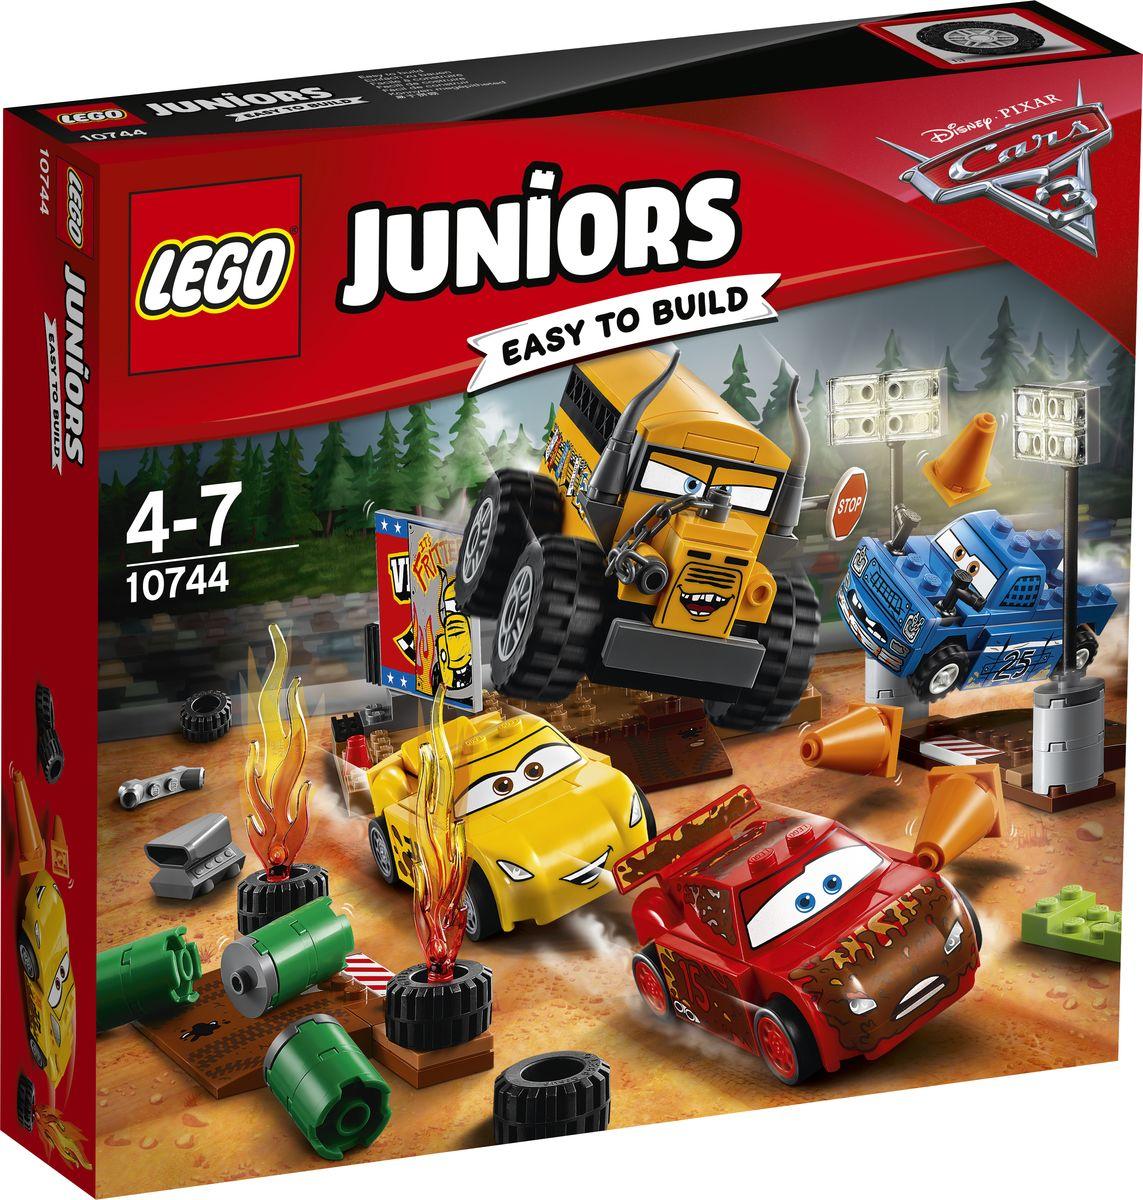 LEGO Juniors Конструктор Гонка Сумасшедшая восьмерка 10744 lego juniors конструктор финальная гонка флорида 500 10745